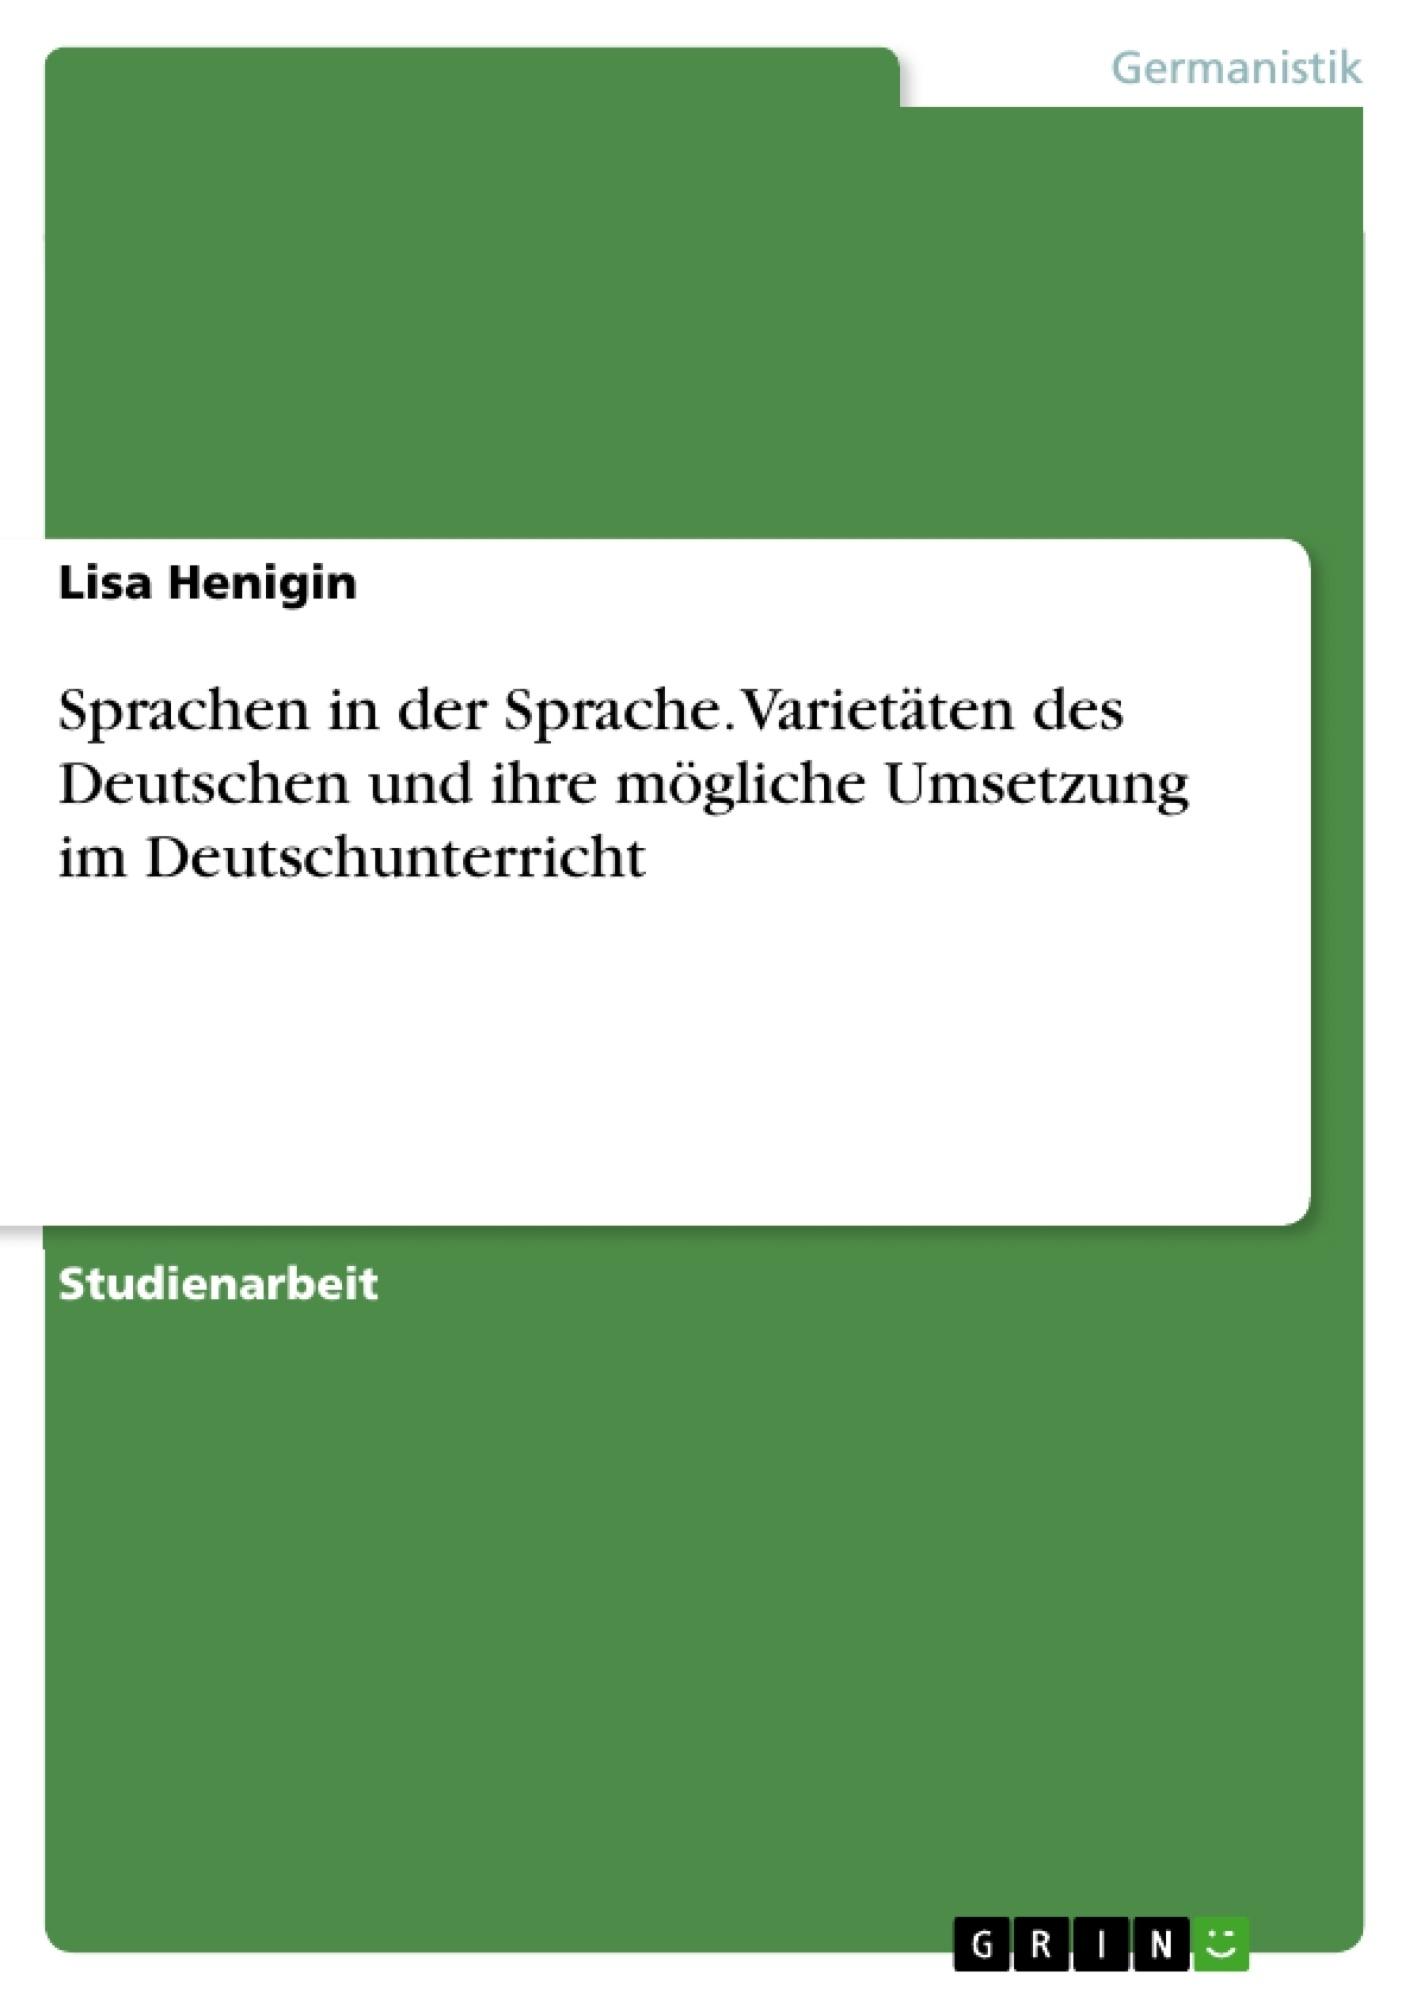 Titel: Sprachen in der Sprache. Varietäten des Deutschen und ihre mögliche Umsetzung im Deutschunterricht